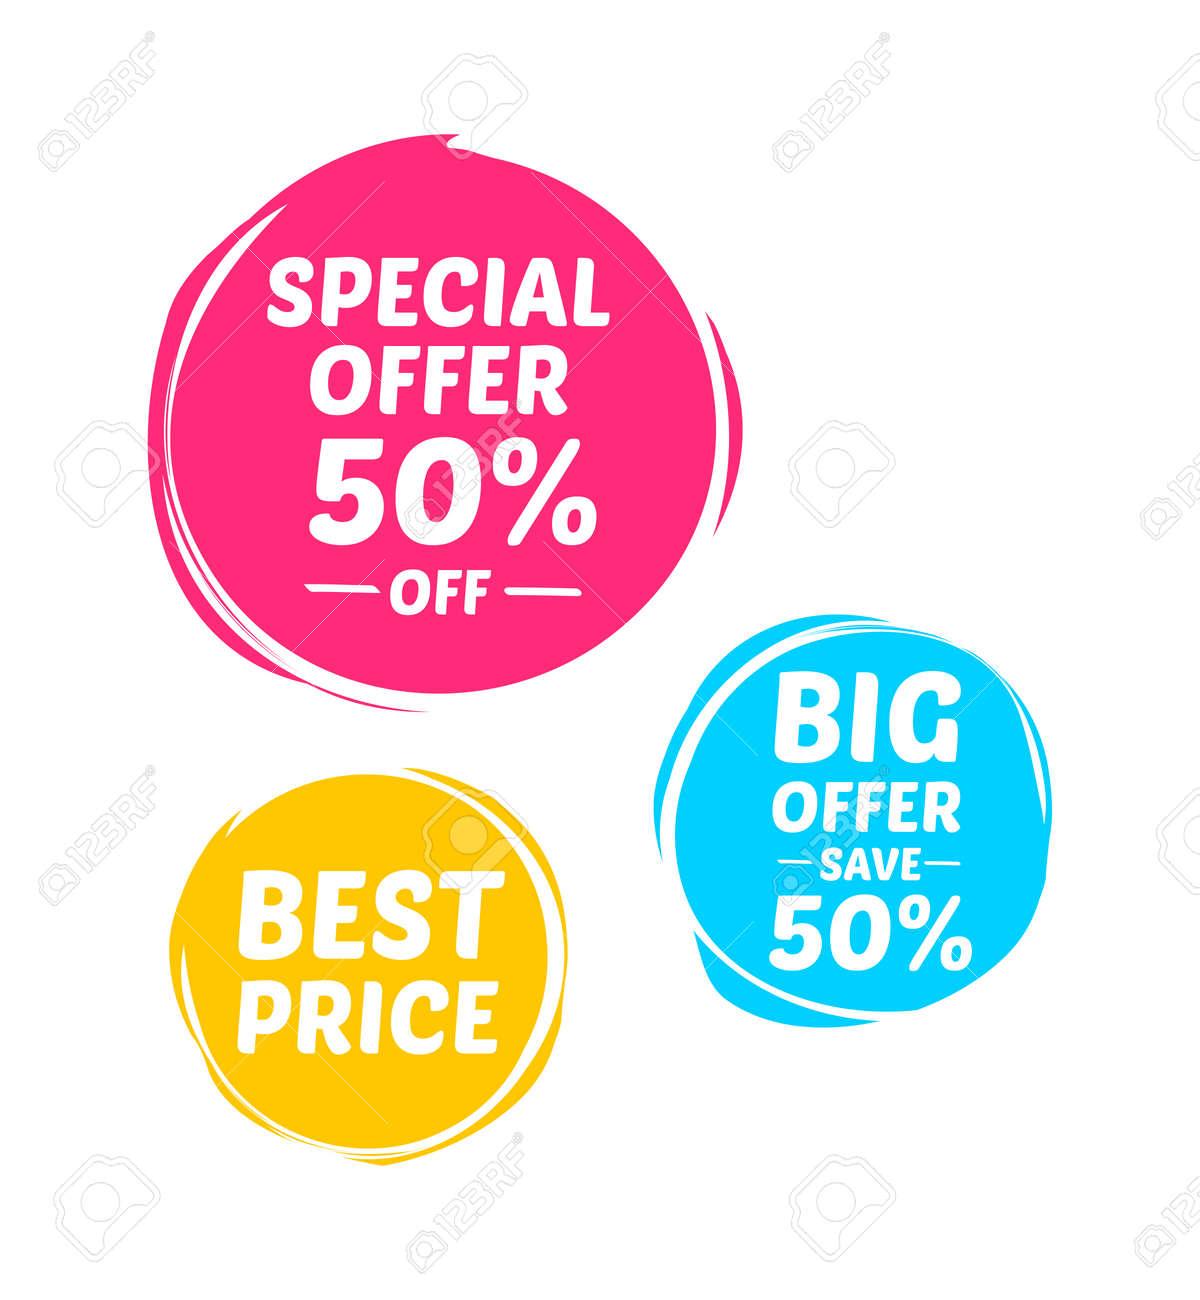 Special Offer, Big Offer & Best Price Marks - 55387313